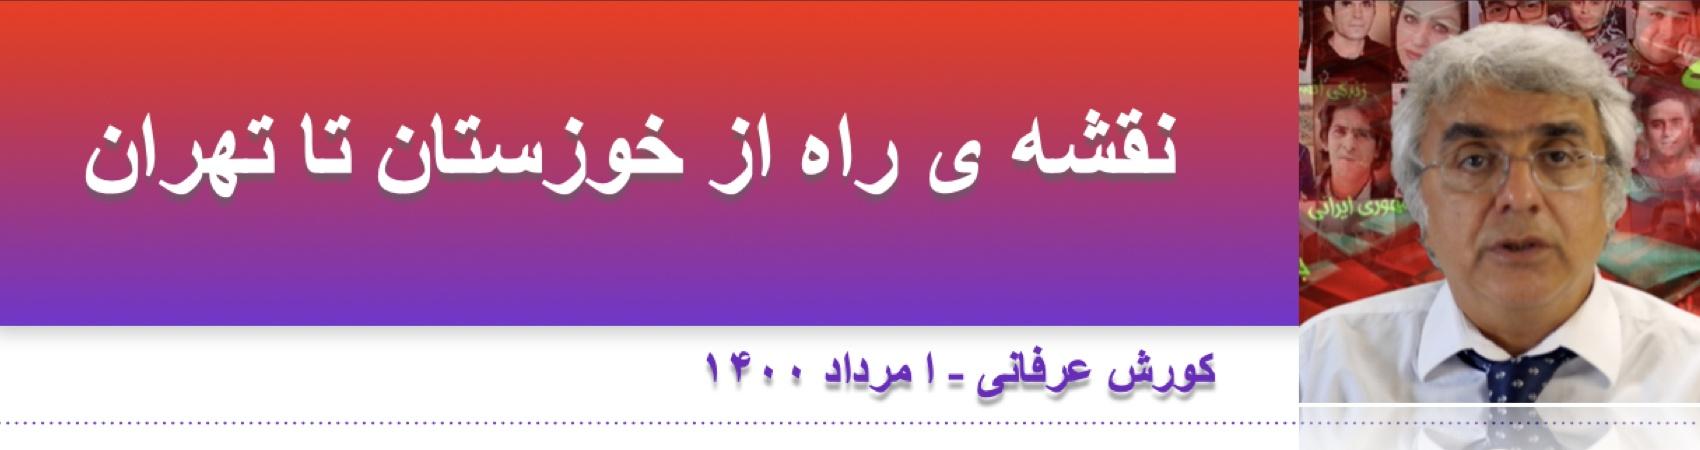 نقشه ی راه از خوزستان تا تهران 